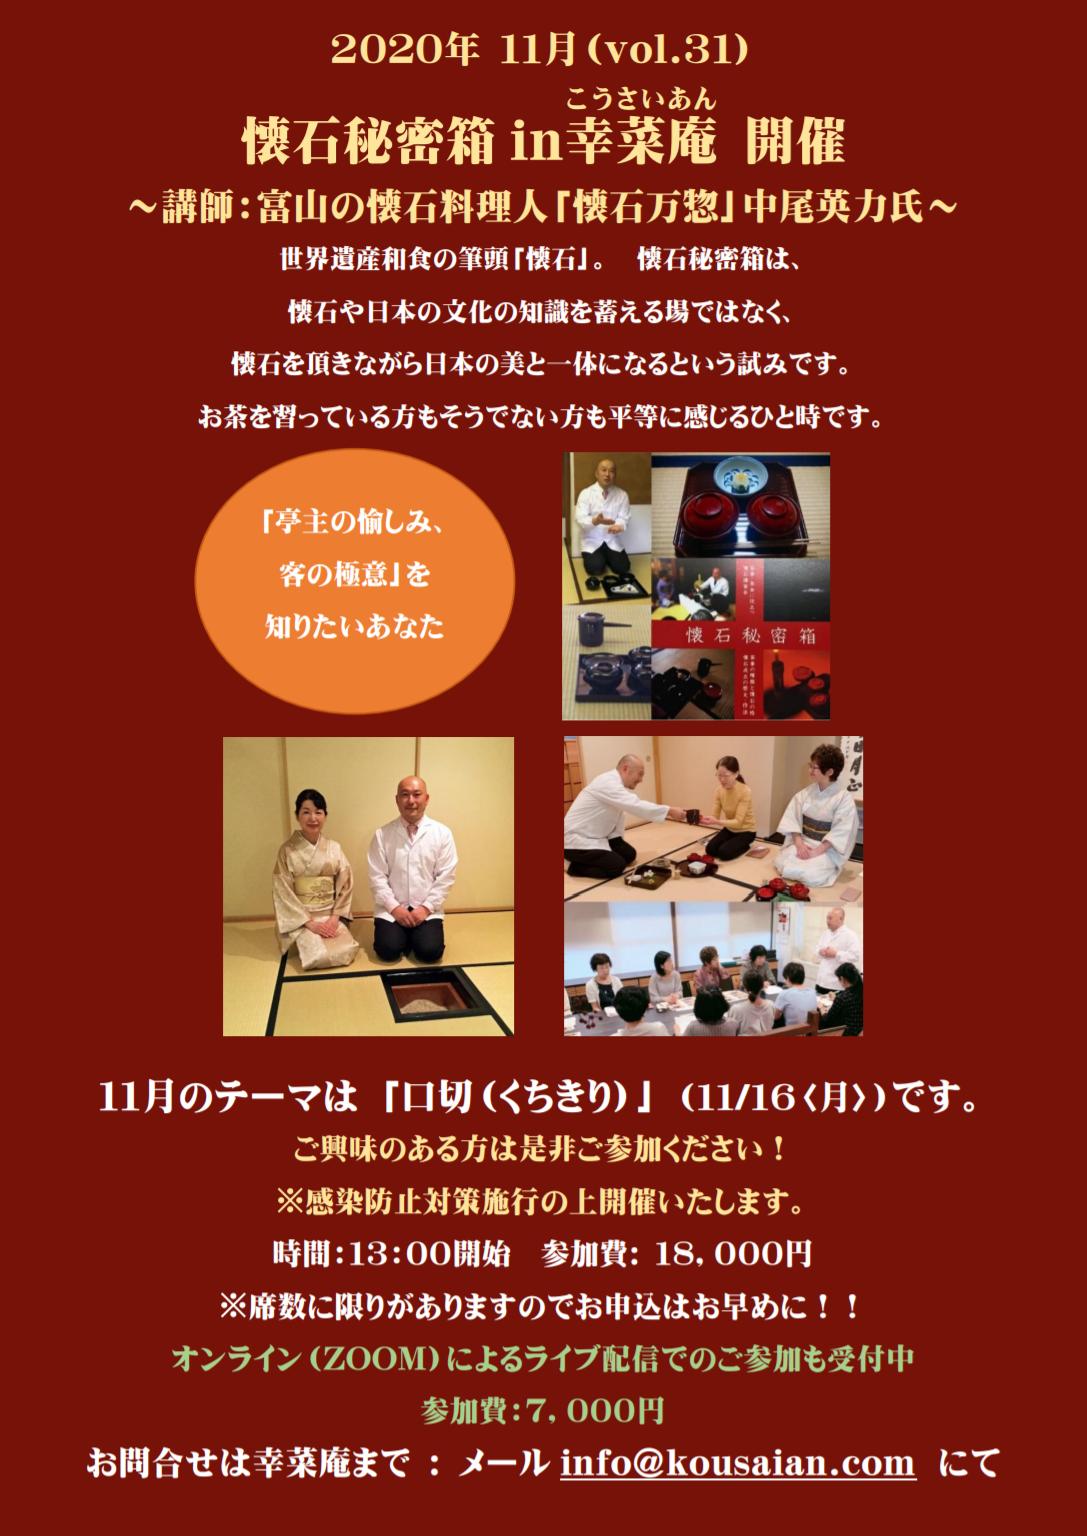 幸菜庵 11月の懐石秘密箱 ご予約受付中